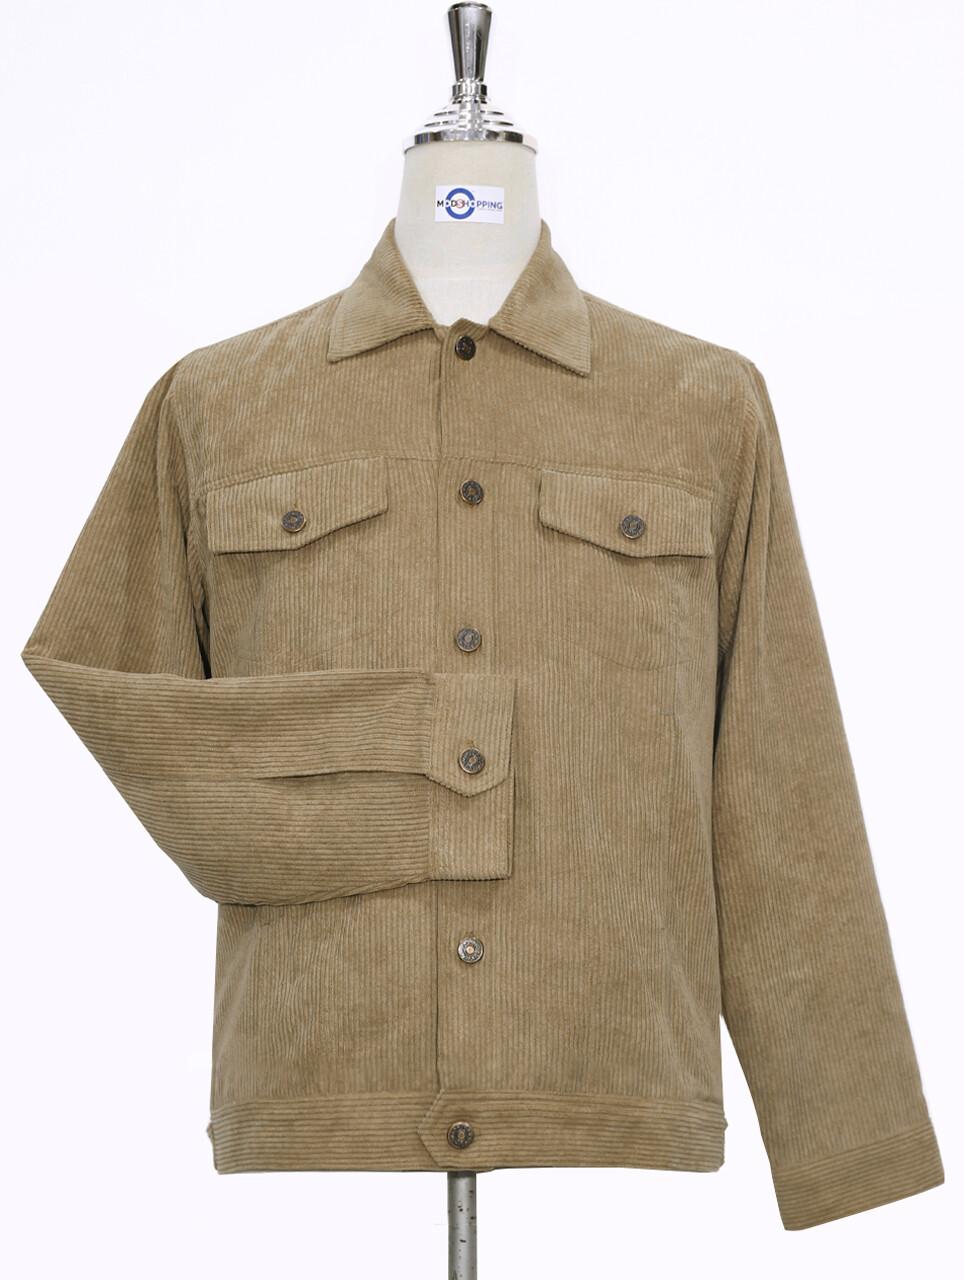 Vintage Brown Corduroy Jacket